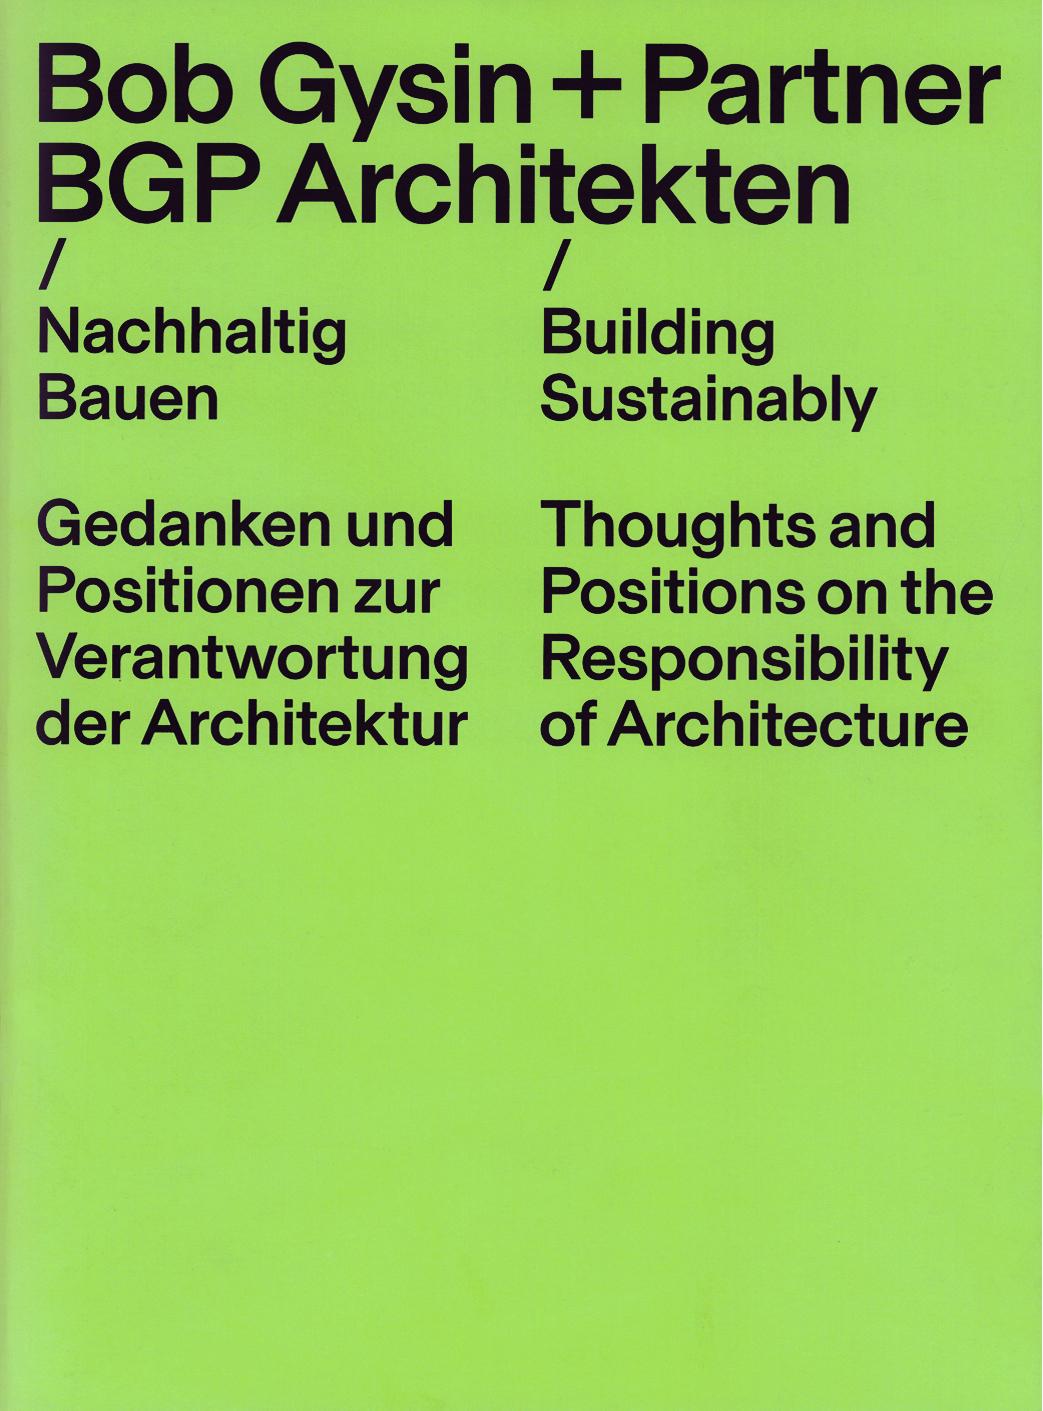 Nachhaltig Bauen nachhaltig bauen bob gysin partner bgp